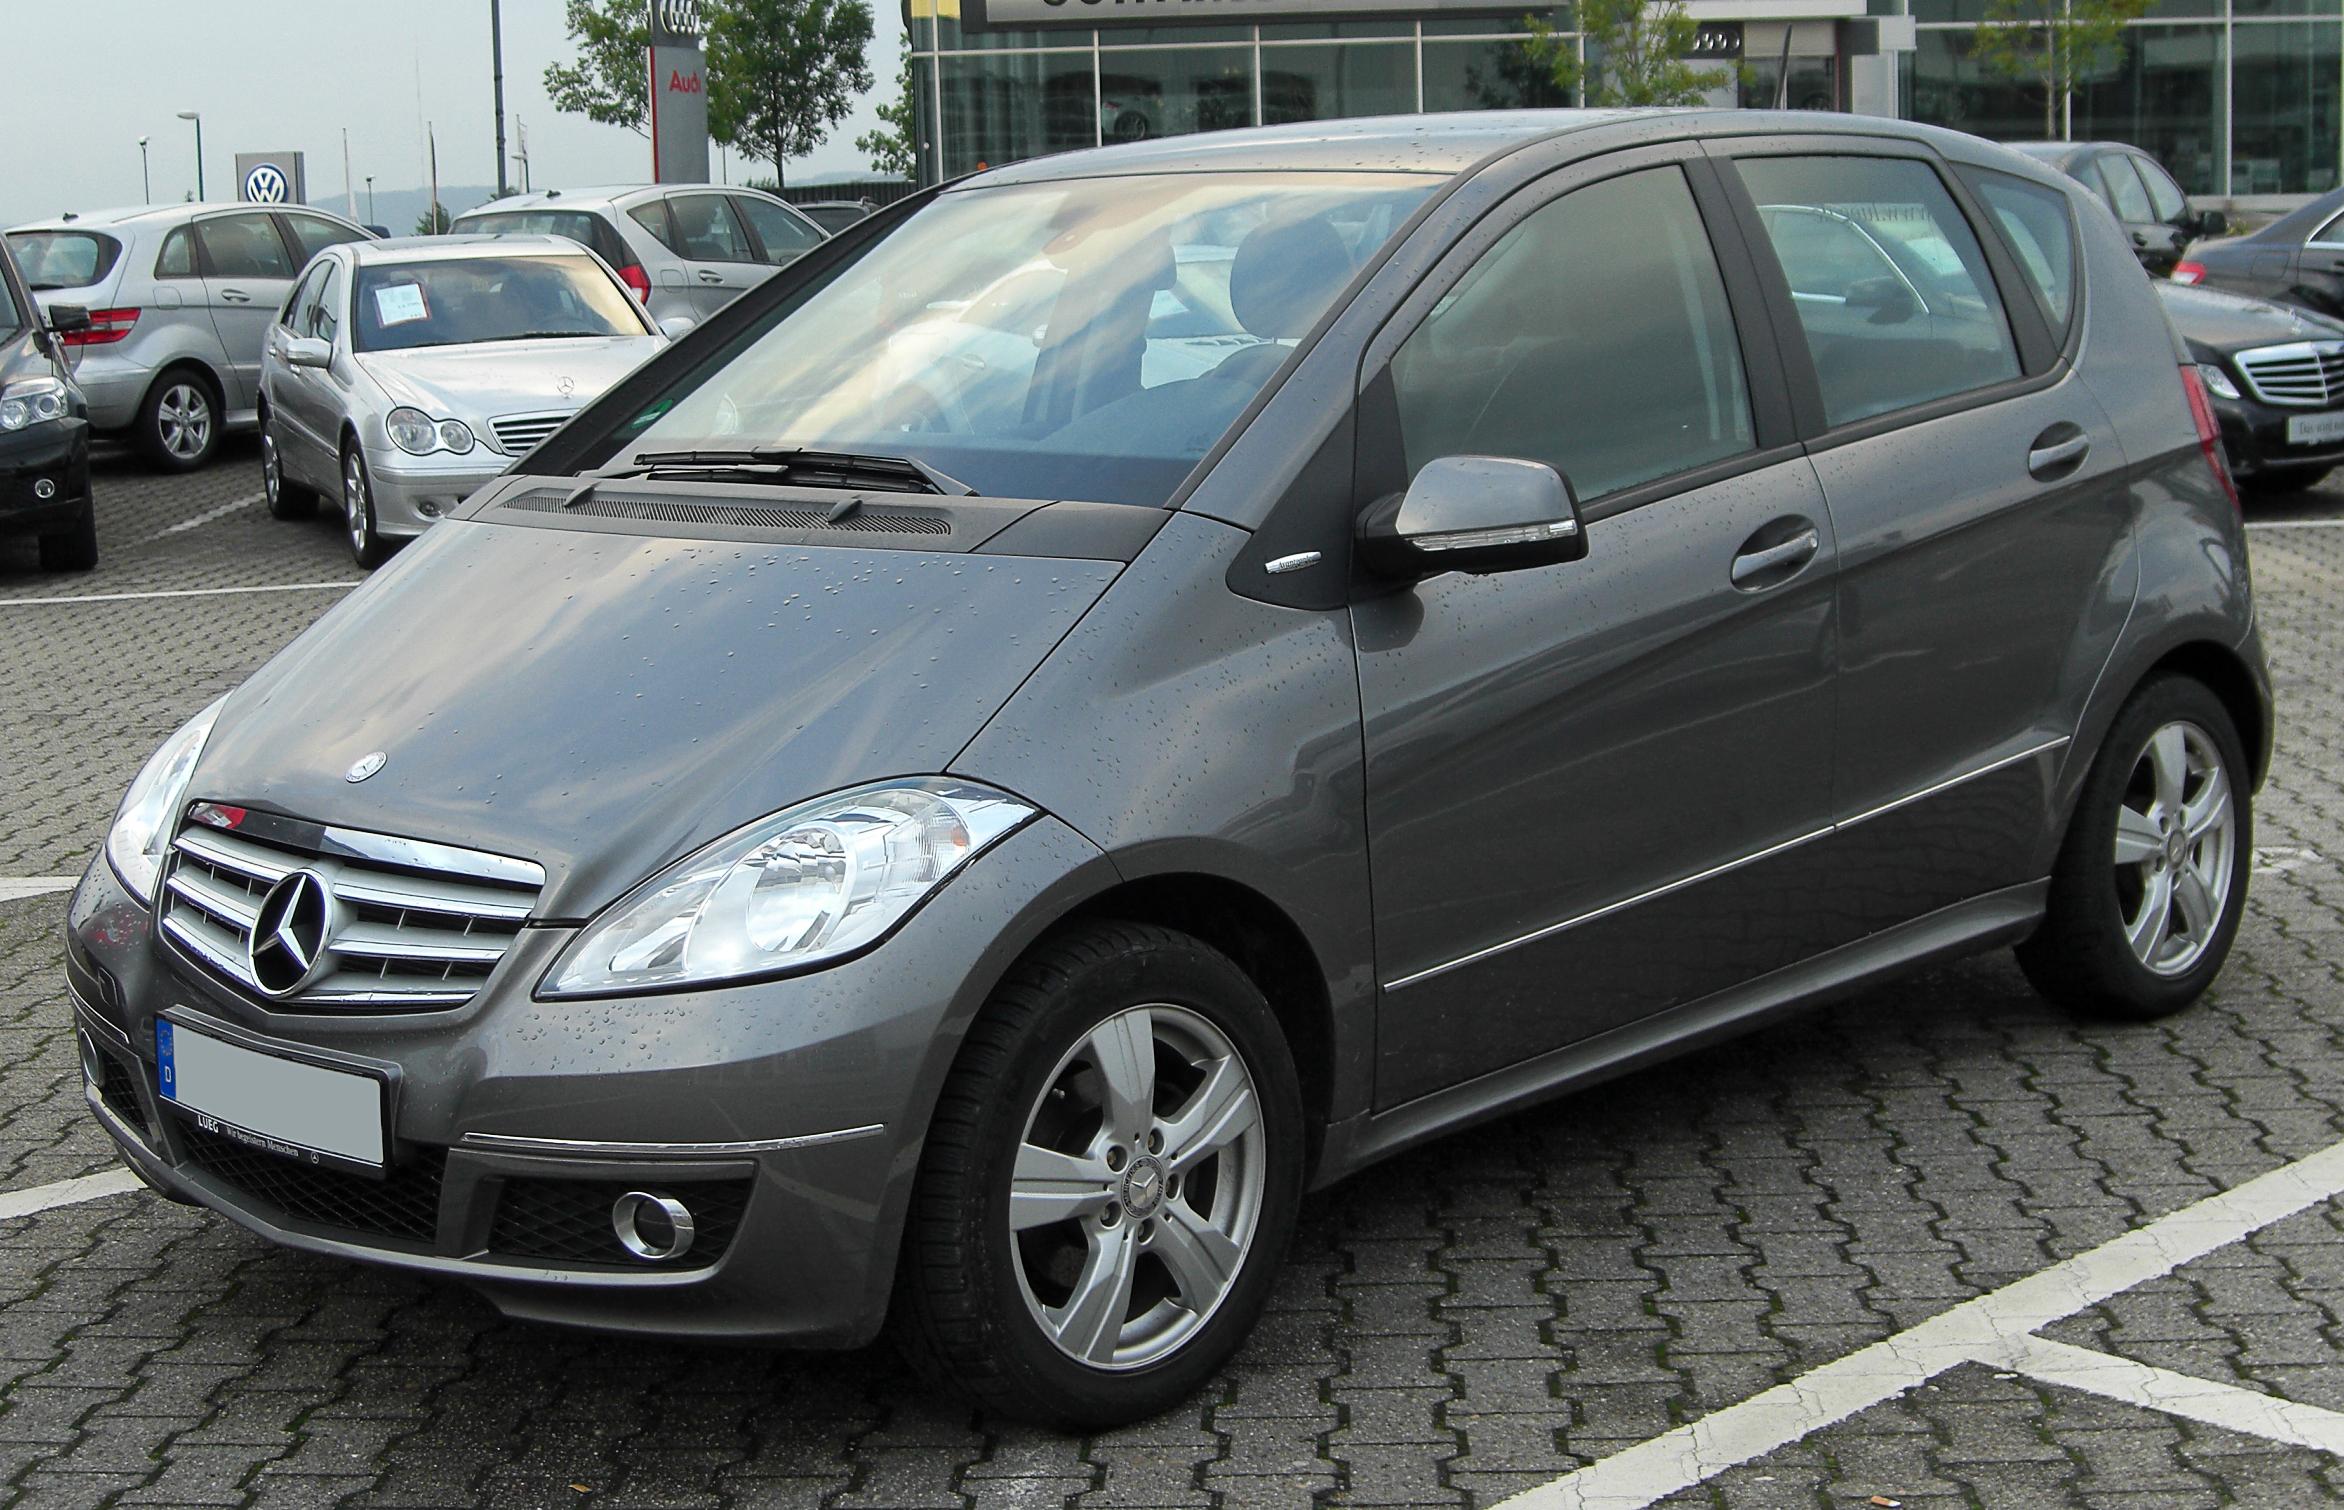 file mercedes a 150 avantgarde w169 facelift front 20100818 jpg rh commons wikimedia org Mercedes W169 Key Mercedes A Klasse